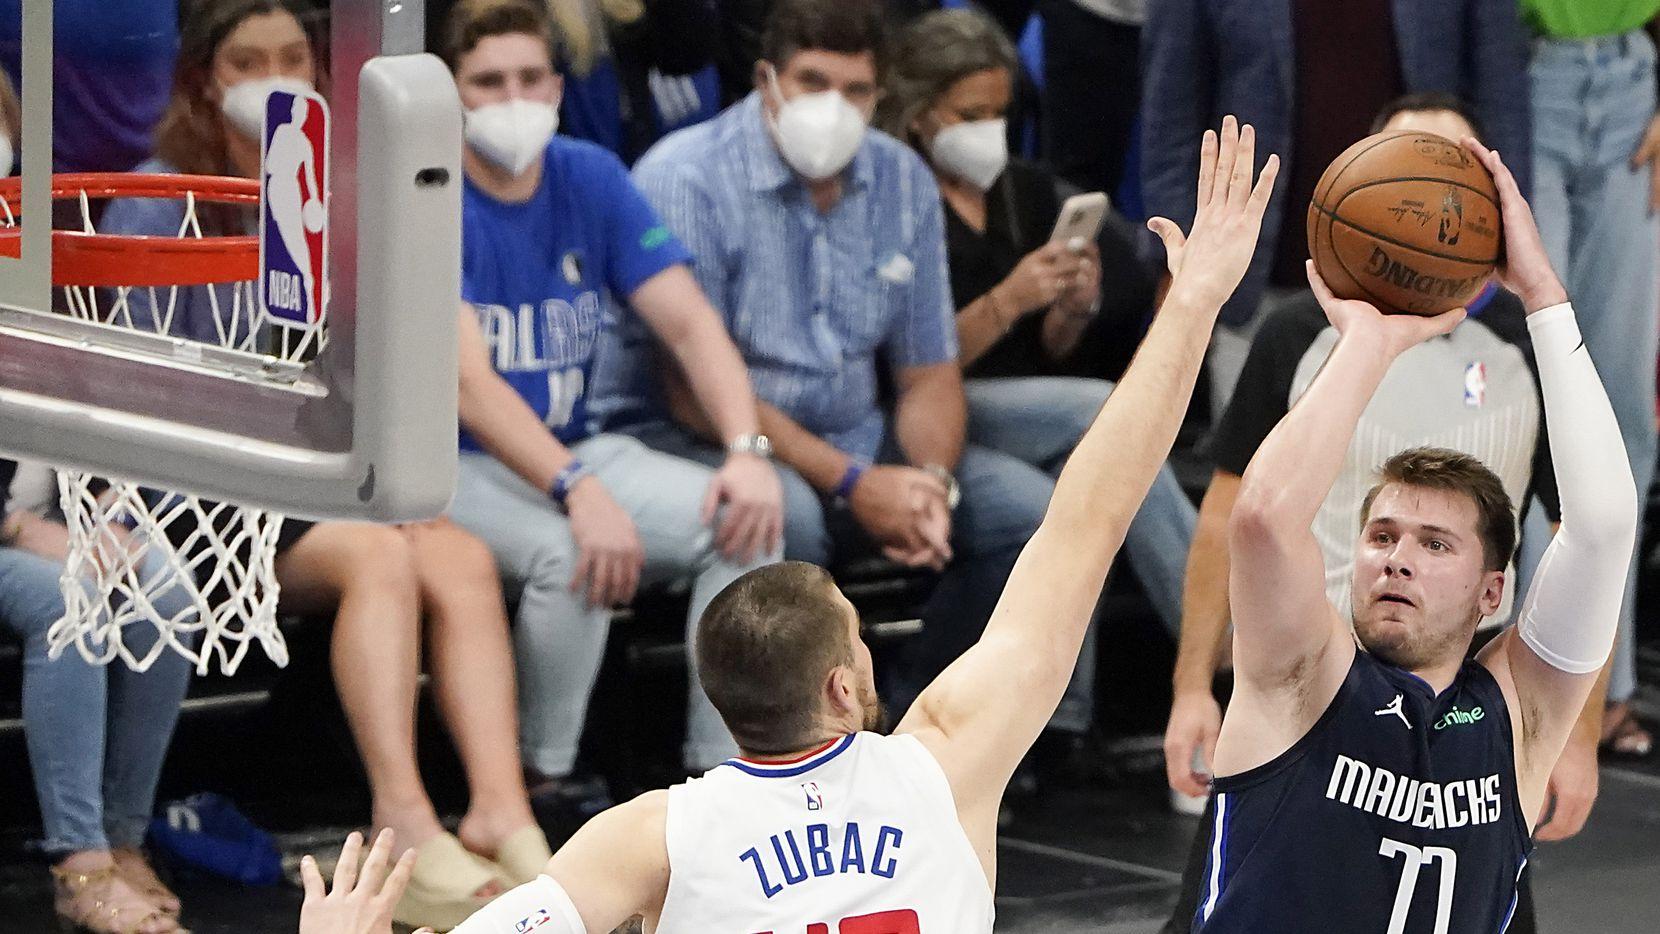 Luka Doncic (77), guardia de los Mavericks de Dallas lanza un tiro a la canasta sobre Ivica Zubac (40) de los Clippers de Los Ángeles.